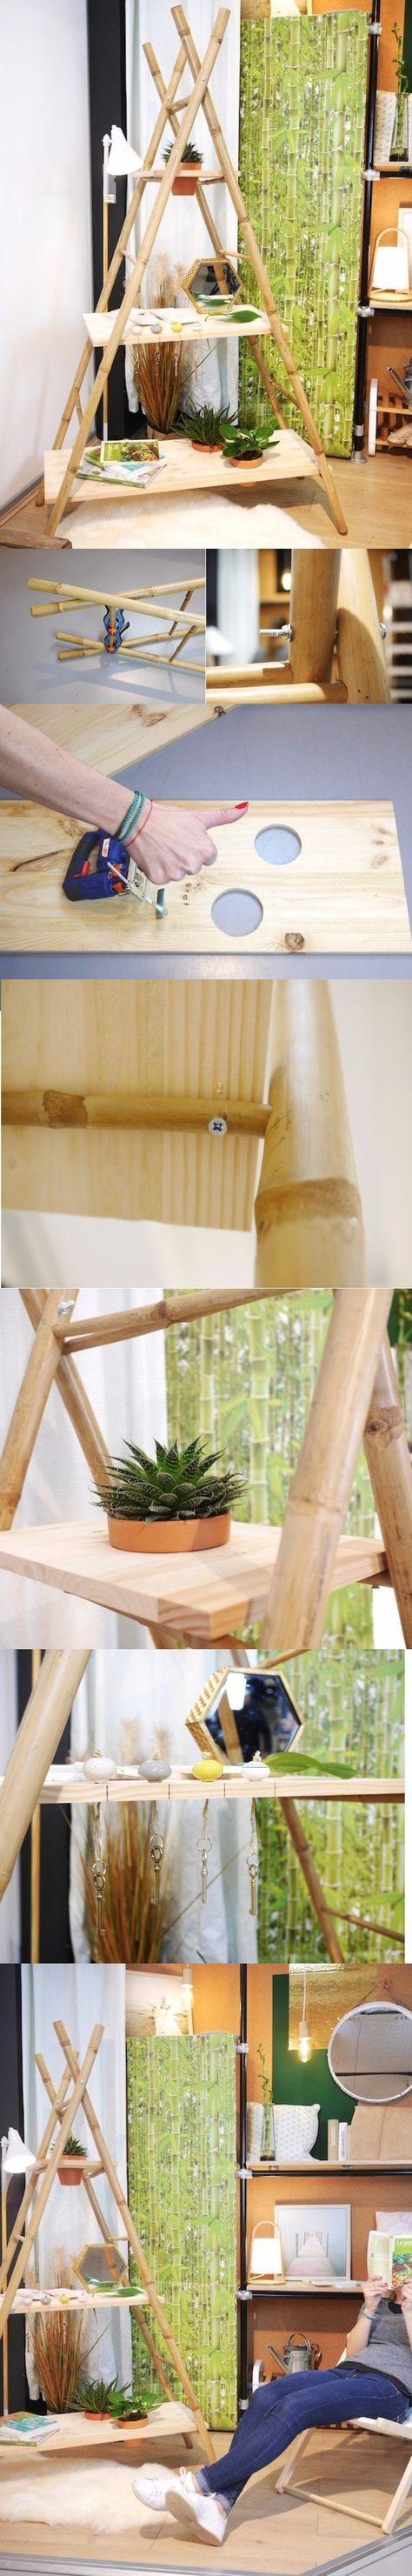 Les 25 meilleures id es de la cat gorie salle de bain en for Plante bambou salle de bain